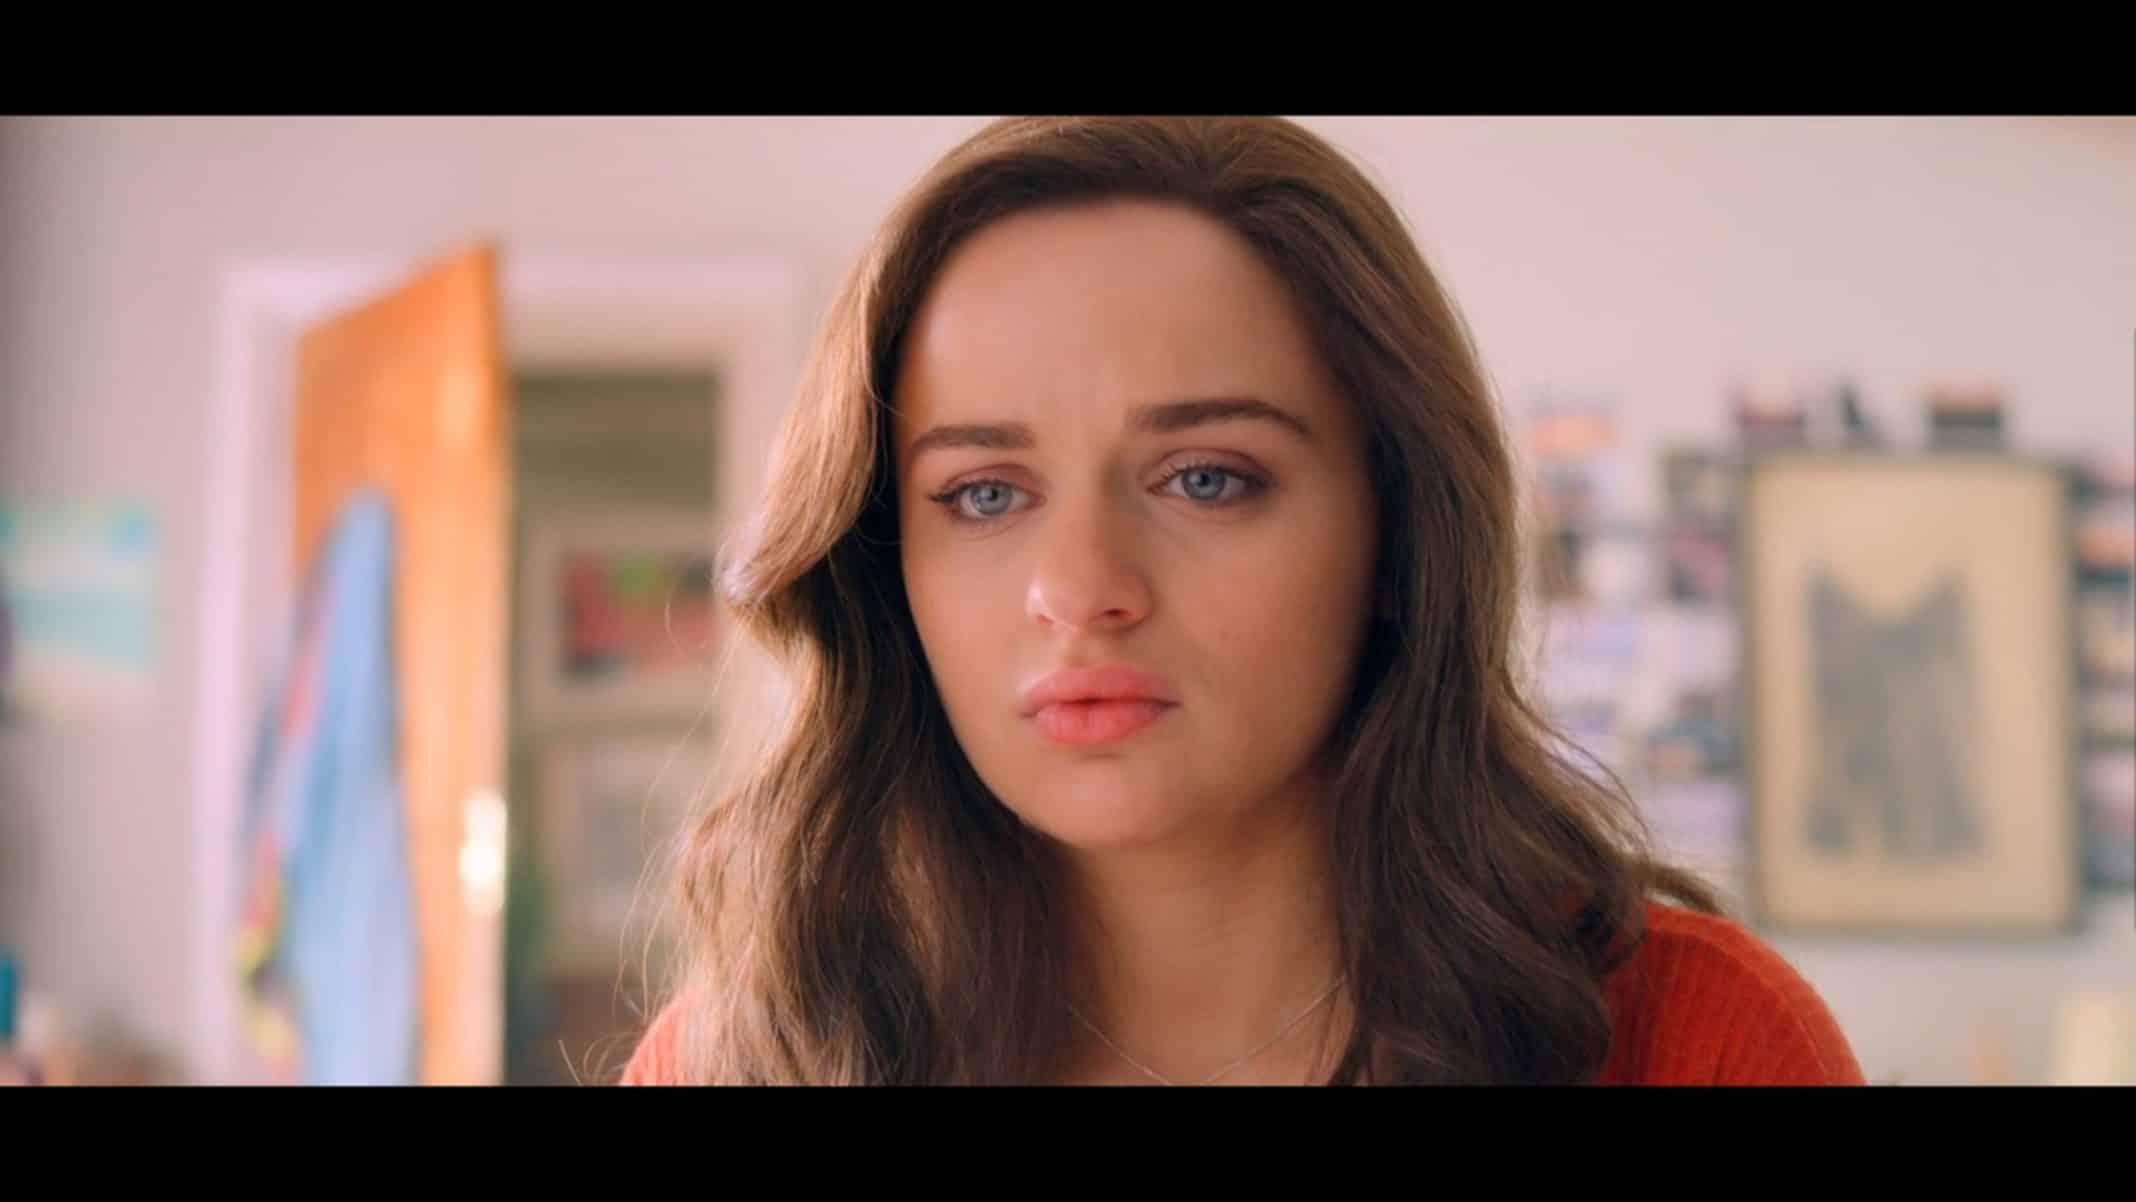 Elle (Joey King) dealing with having to choose between UC Berkeley and Harvard